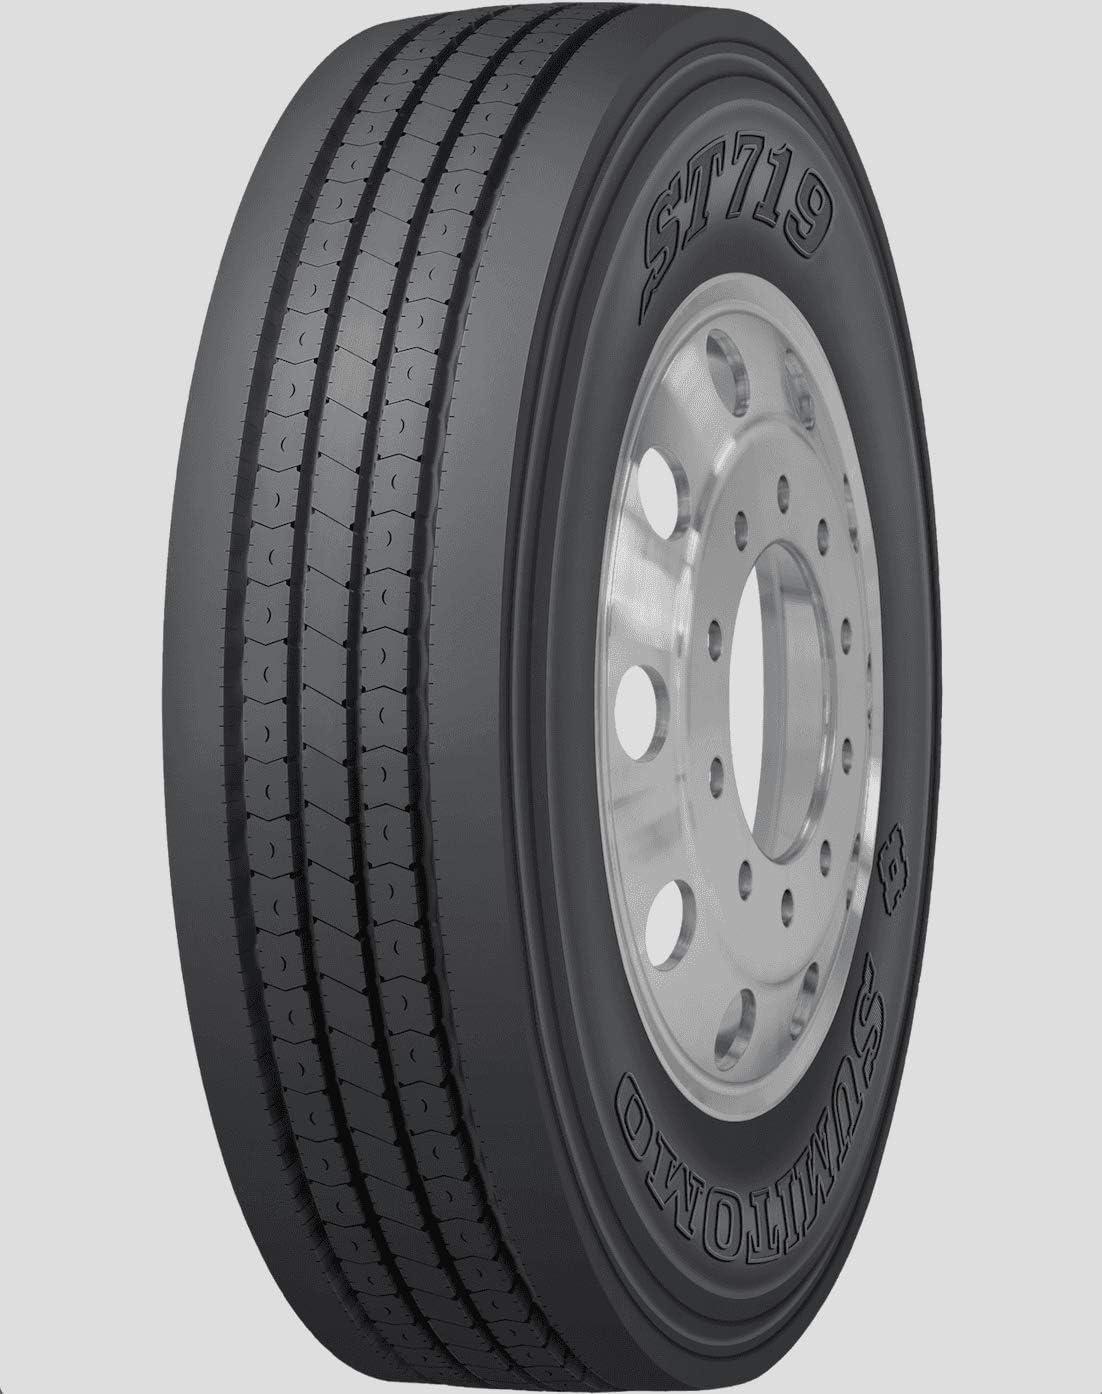 Sumitomo ST719SE Commercial Tire 245/75R22.5 134/131L